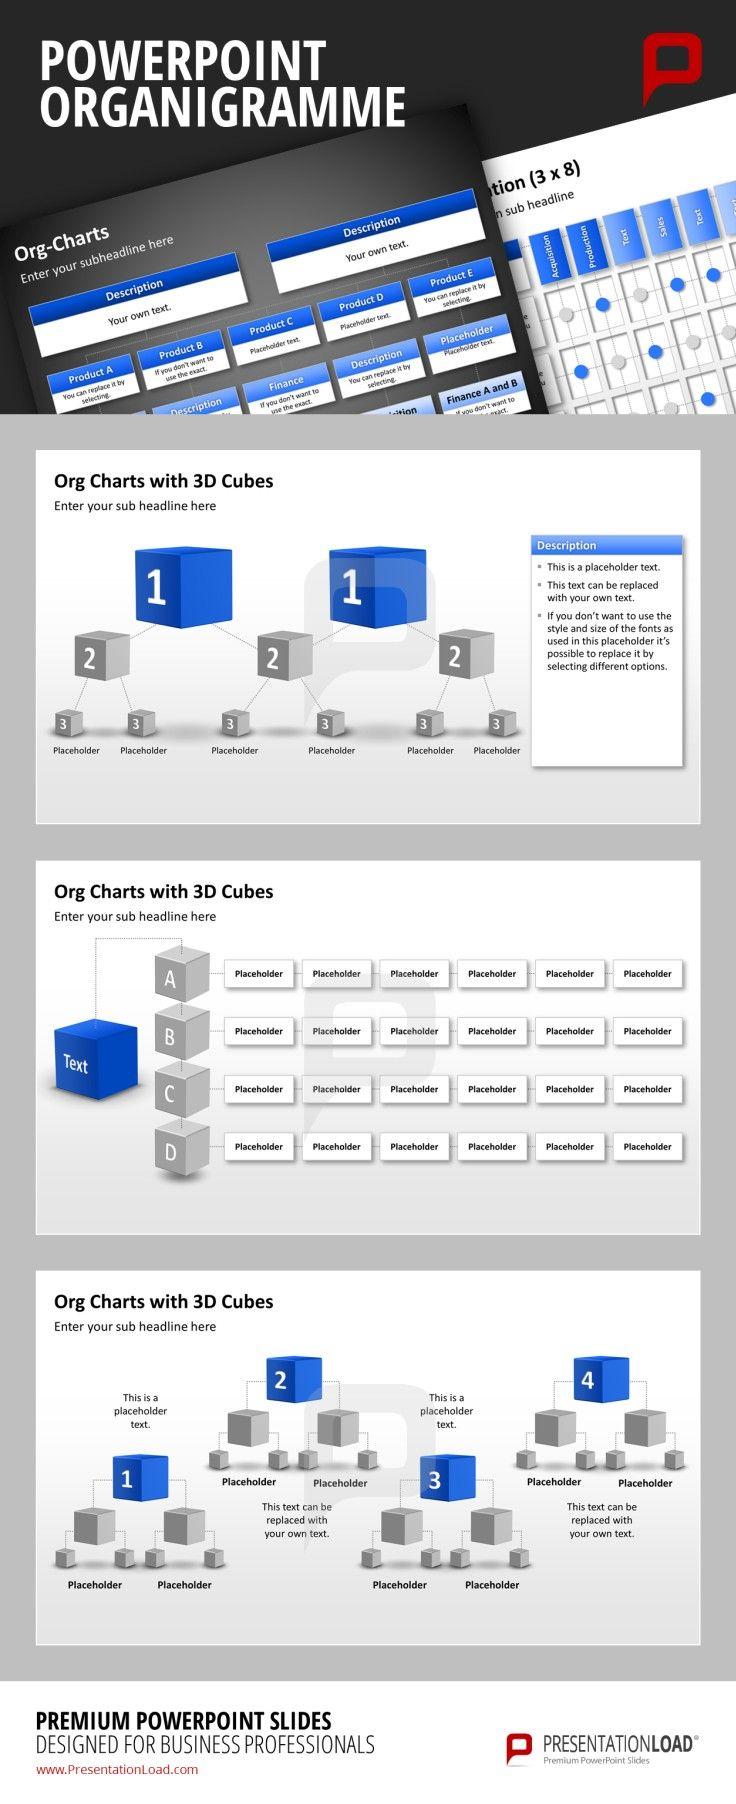 PowerPoint Organigramme, nicht aufwendig erstellen, einfach herunterladen bei PresentationLoad http://www.presentationload.de/powerpoint-charts-diagramme/organigramme/